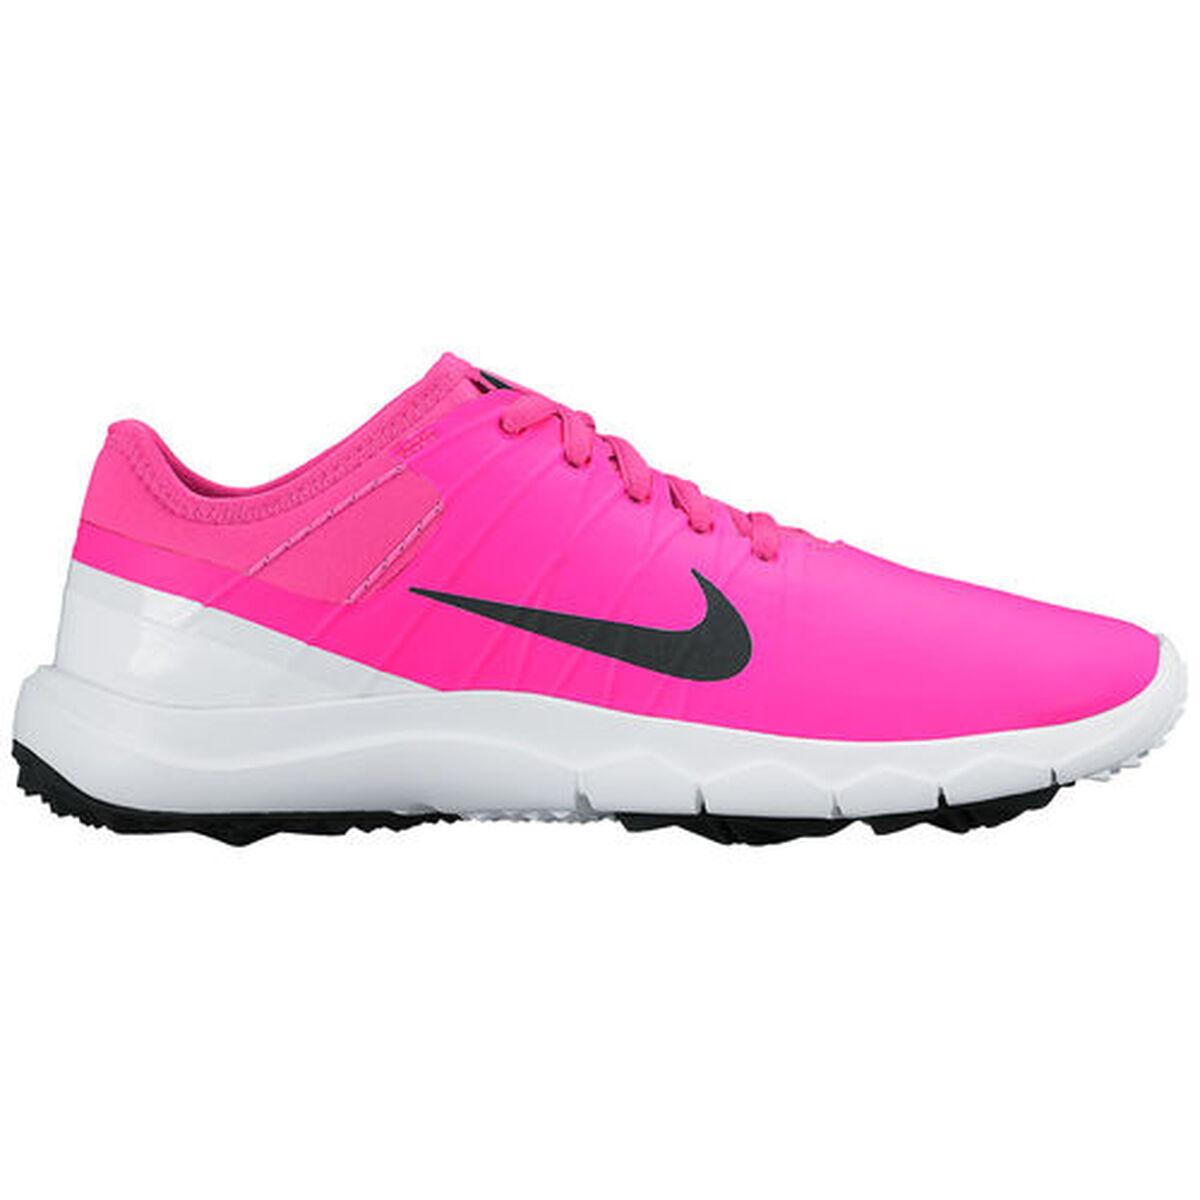 042e34245620 Images. Nike FI Impact 2 Women  39 s Golf Shoe ...